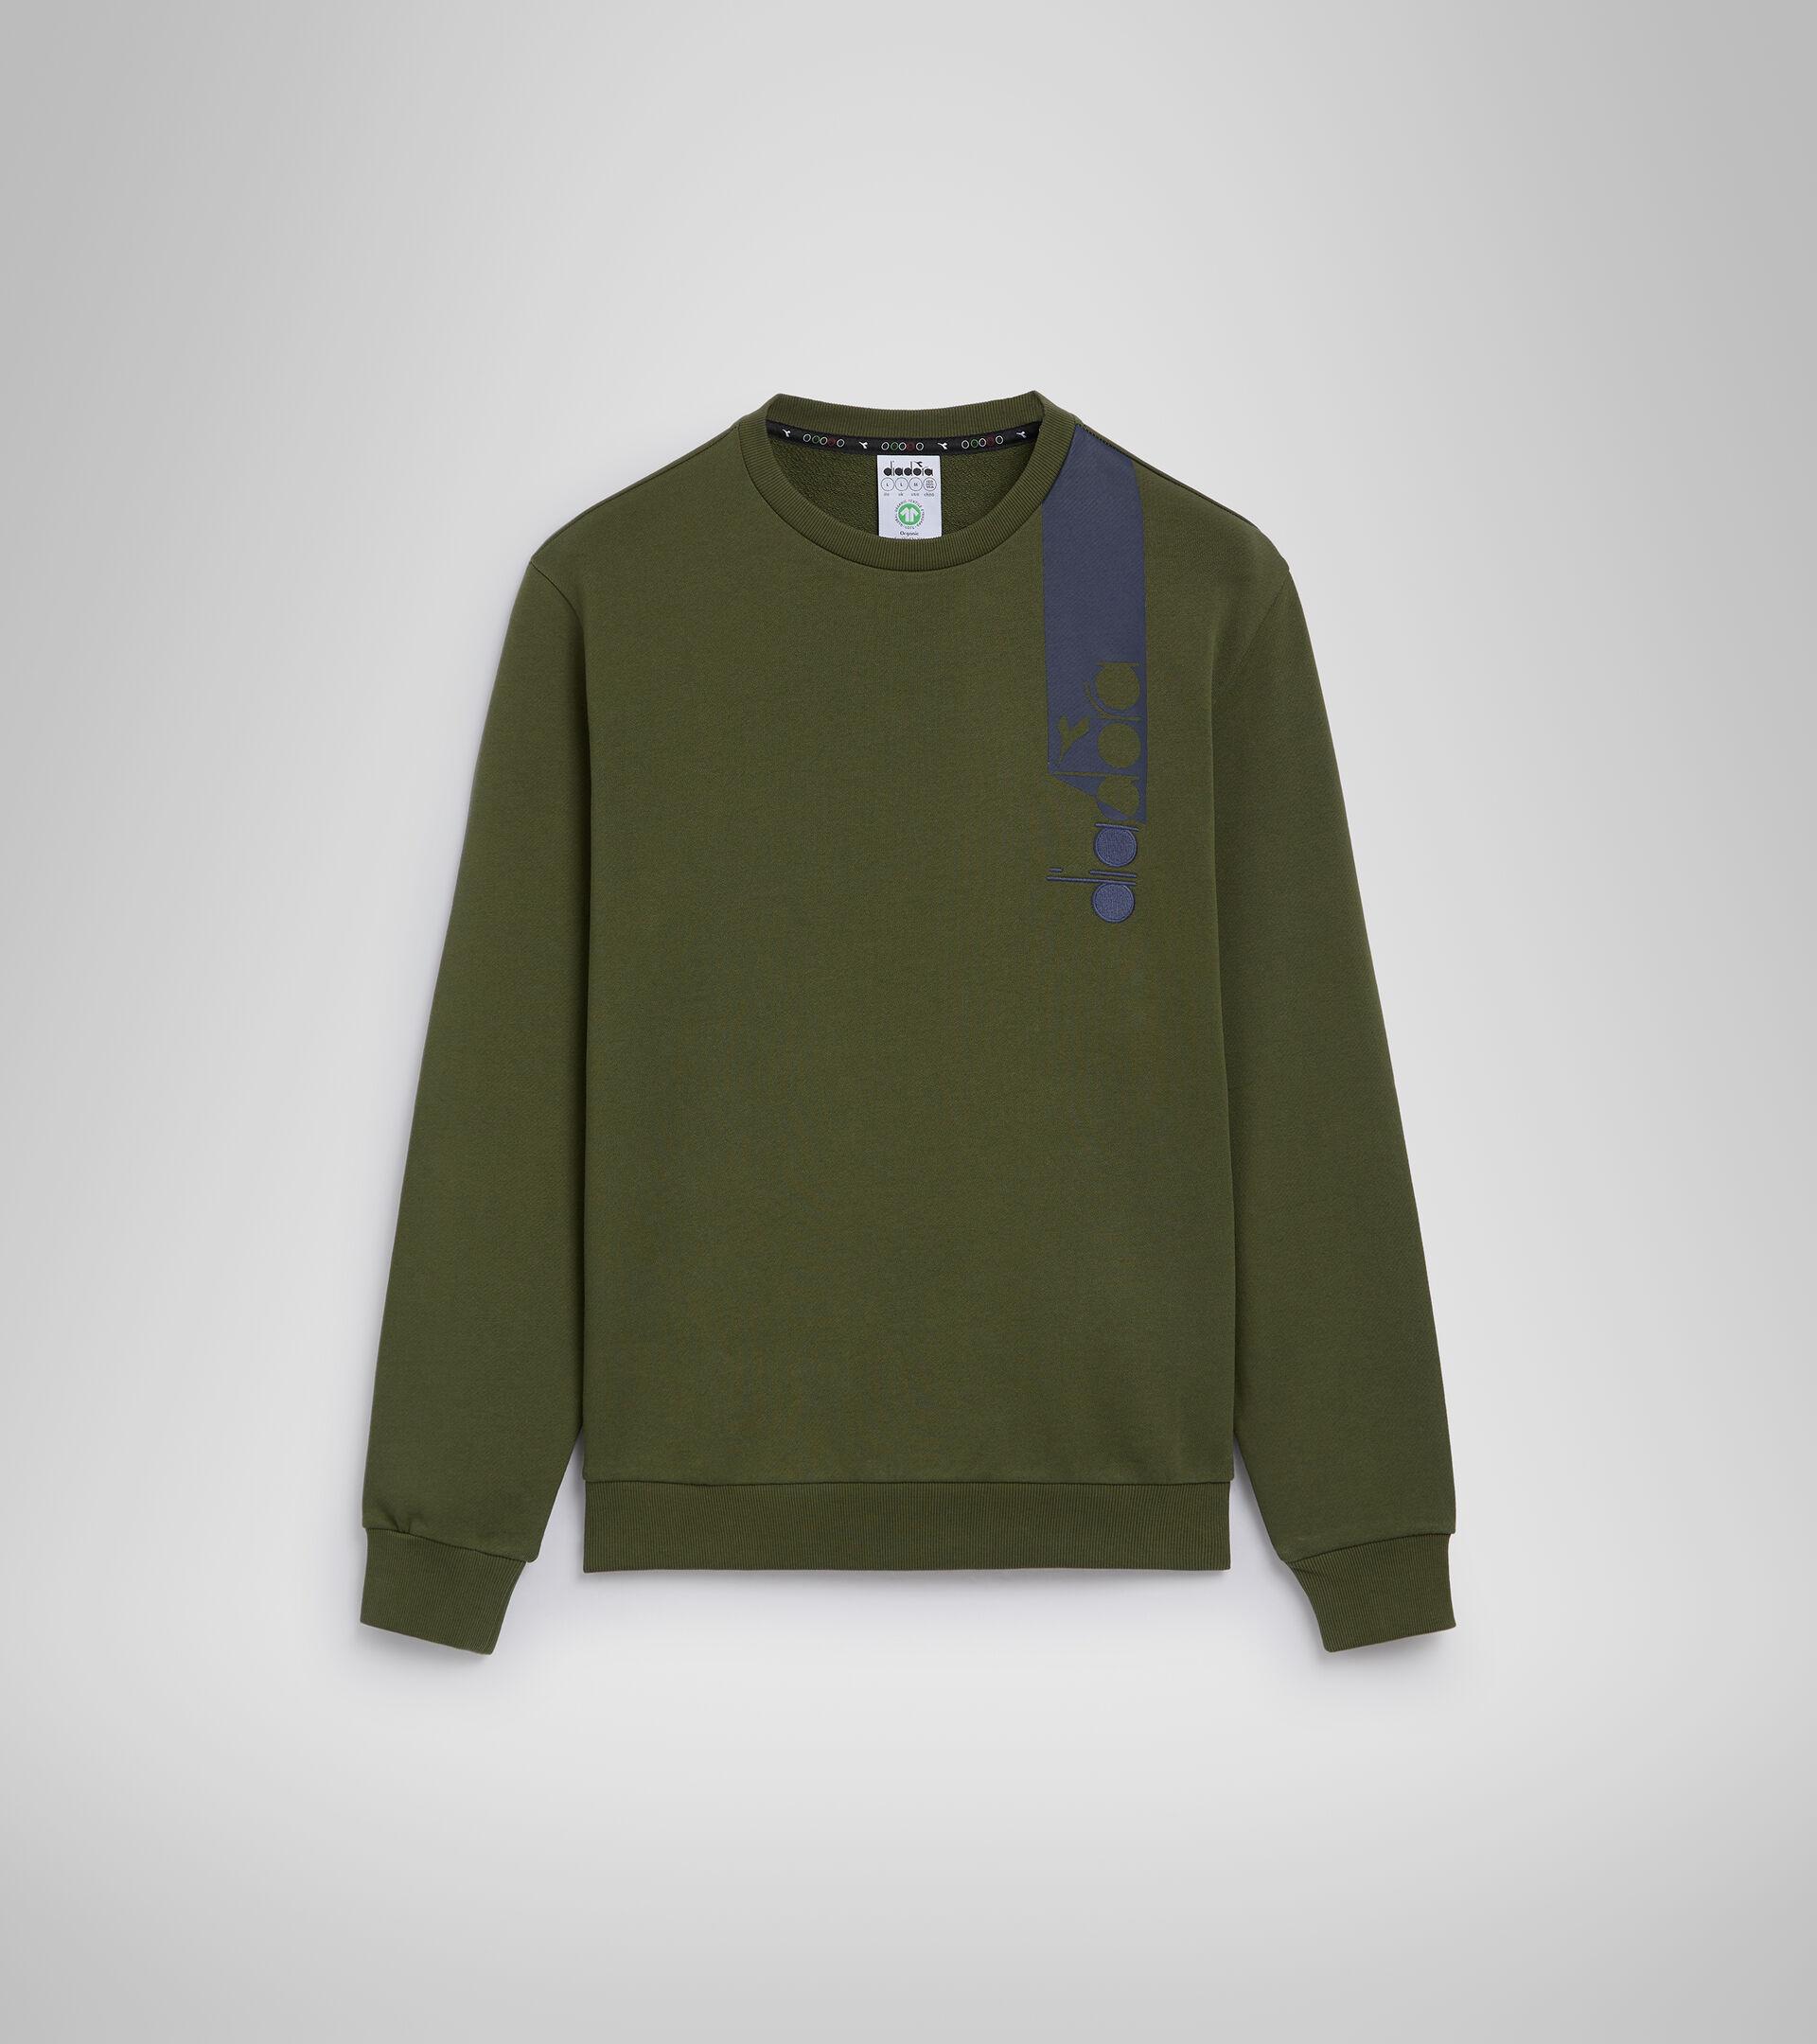 Sweater mit Rundhalsausschnitt - Unisex SWEATSHIRT CREW ICON ZYPRESSE - Diadora